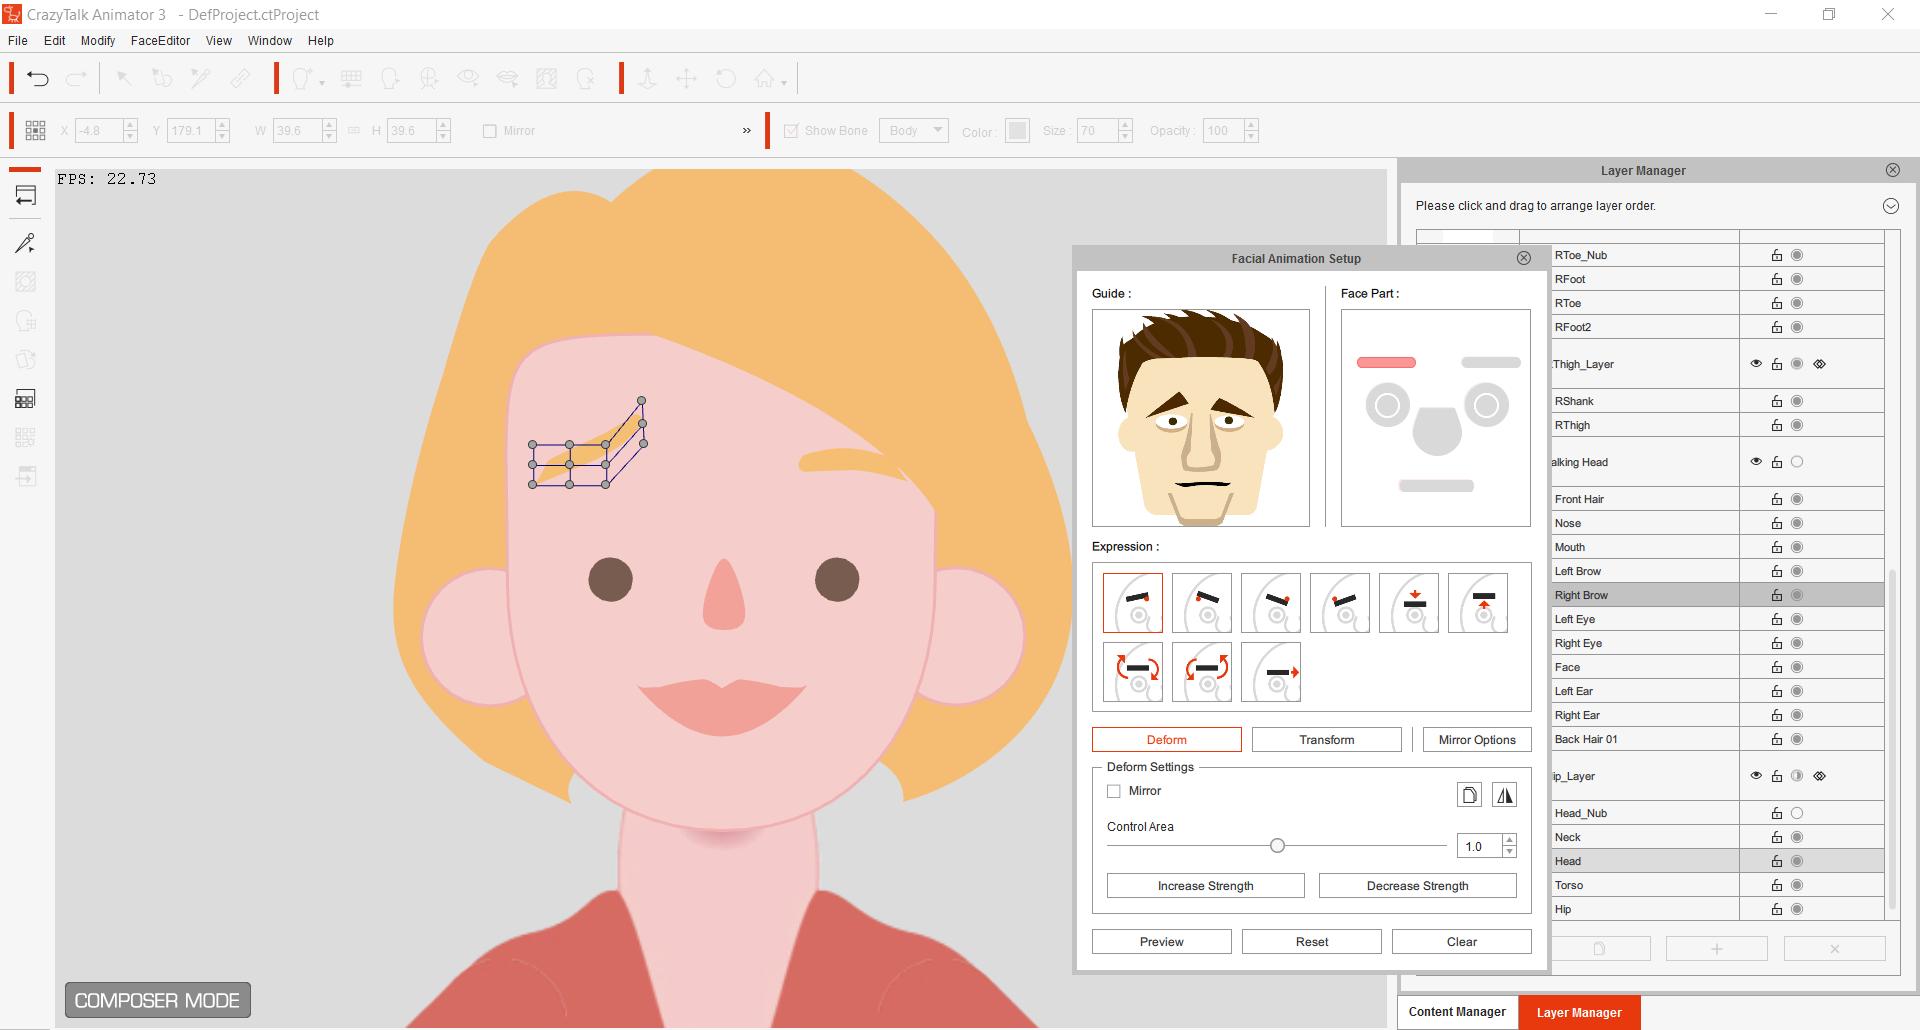 Phần mềm làm hoạt hình CrazyTalk Animator chuyên nghiệp